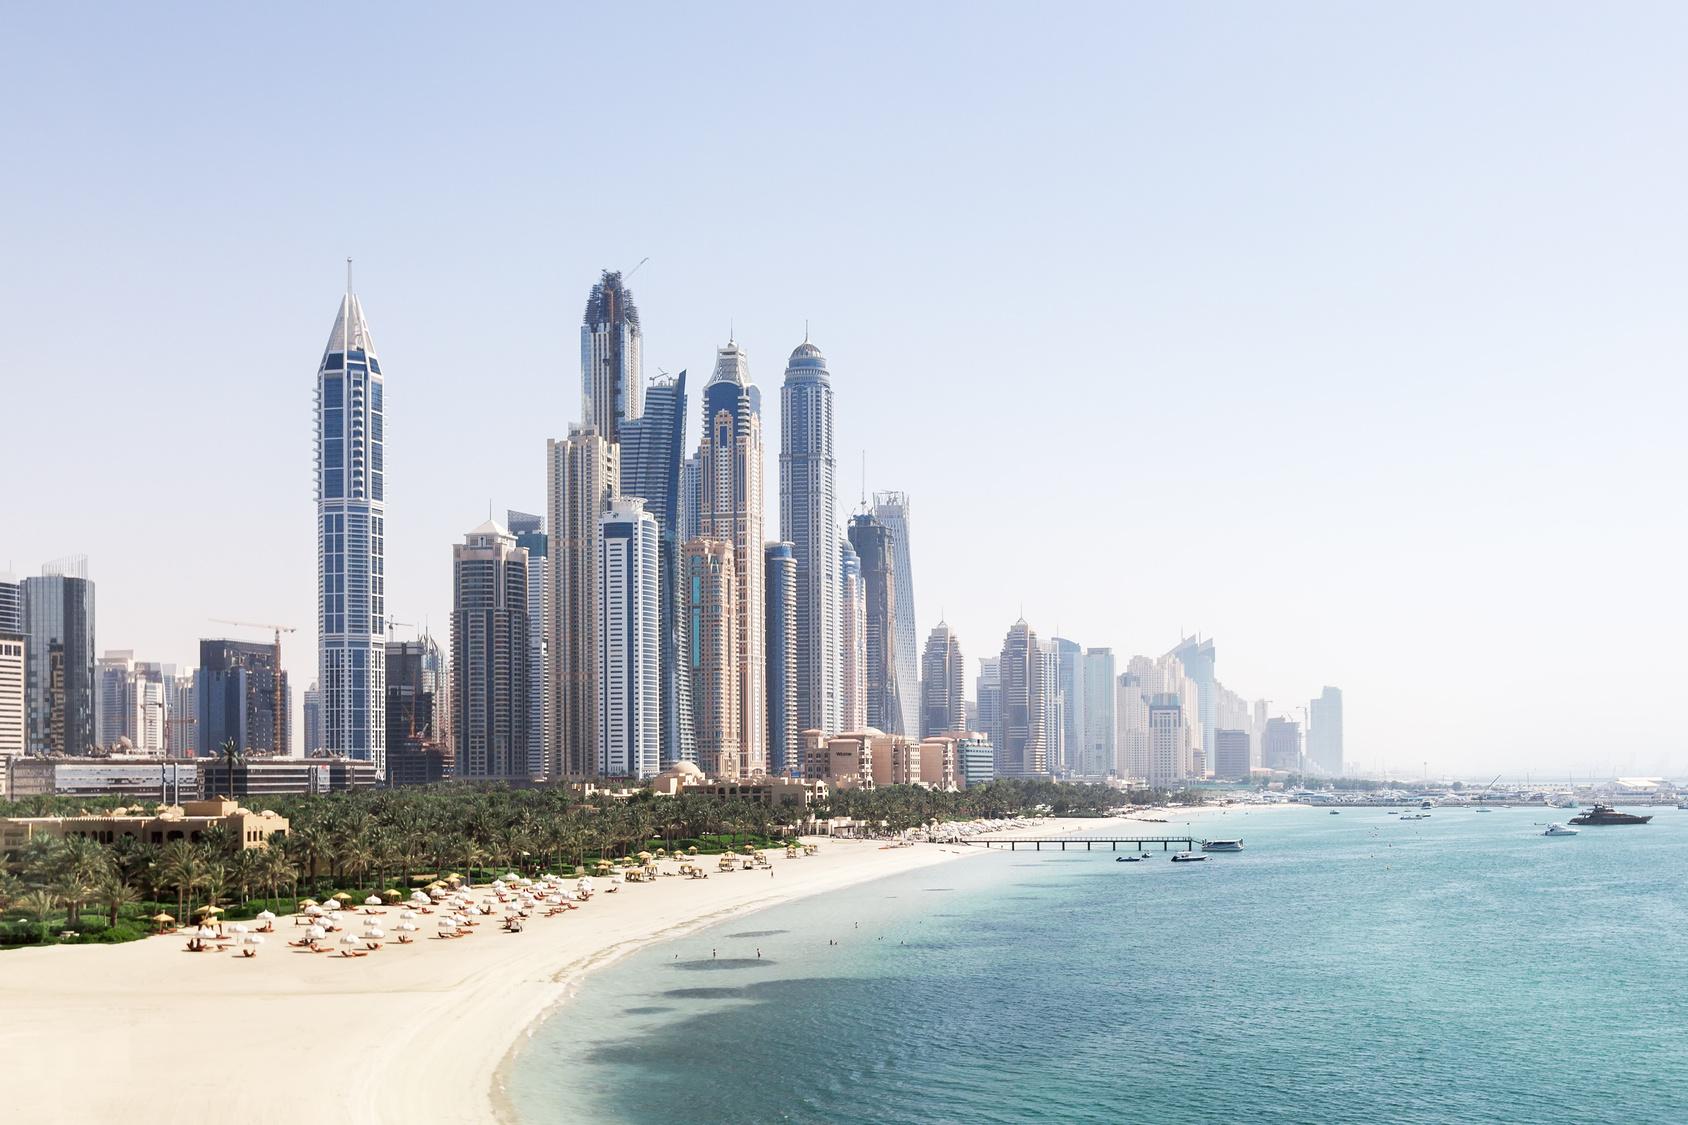 Meilleurs sites pour les rencontres à Dubaï